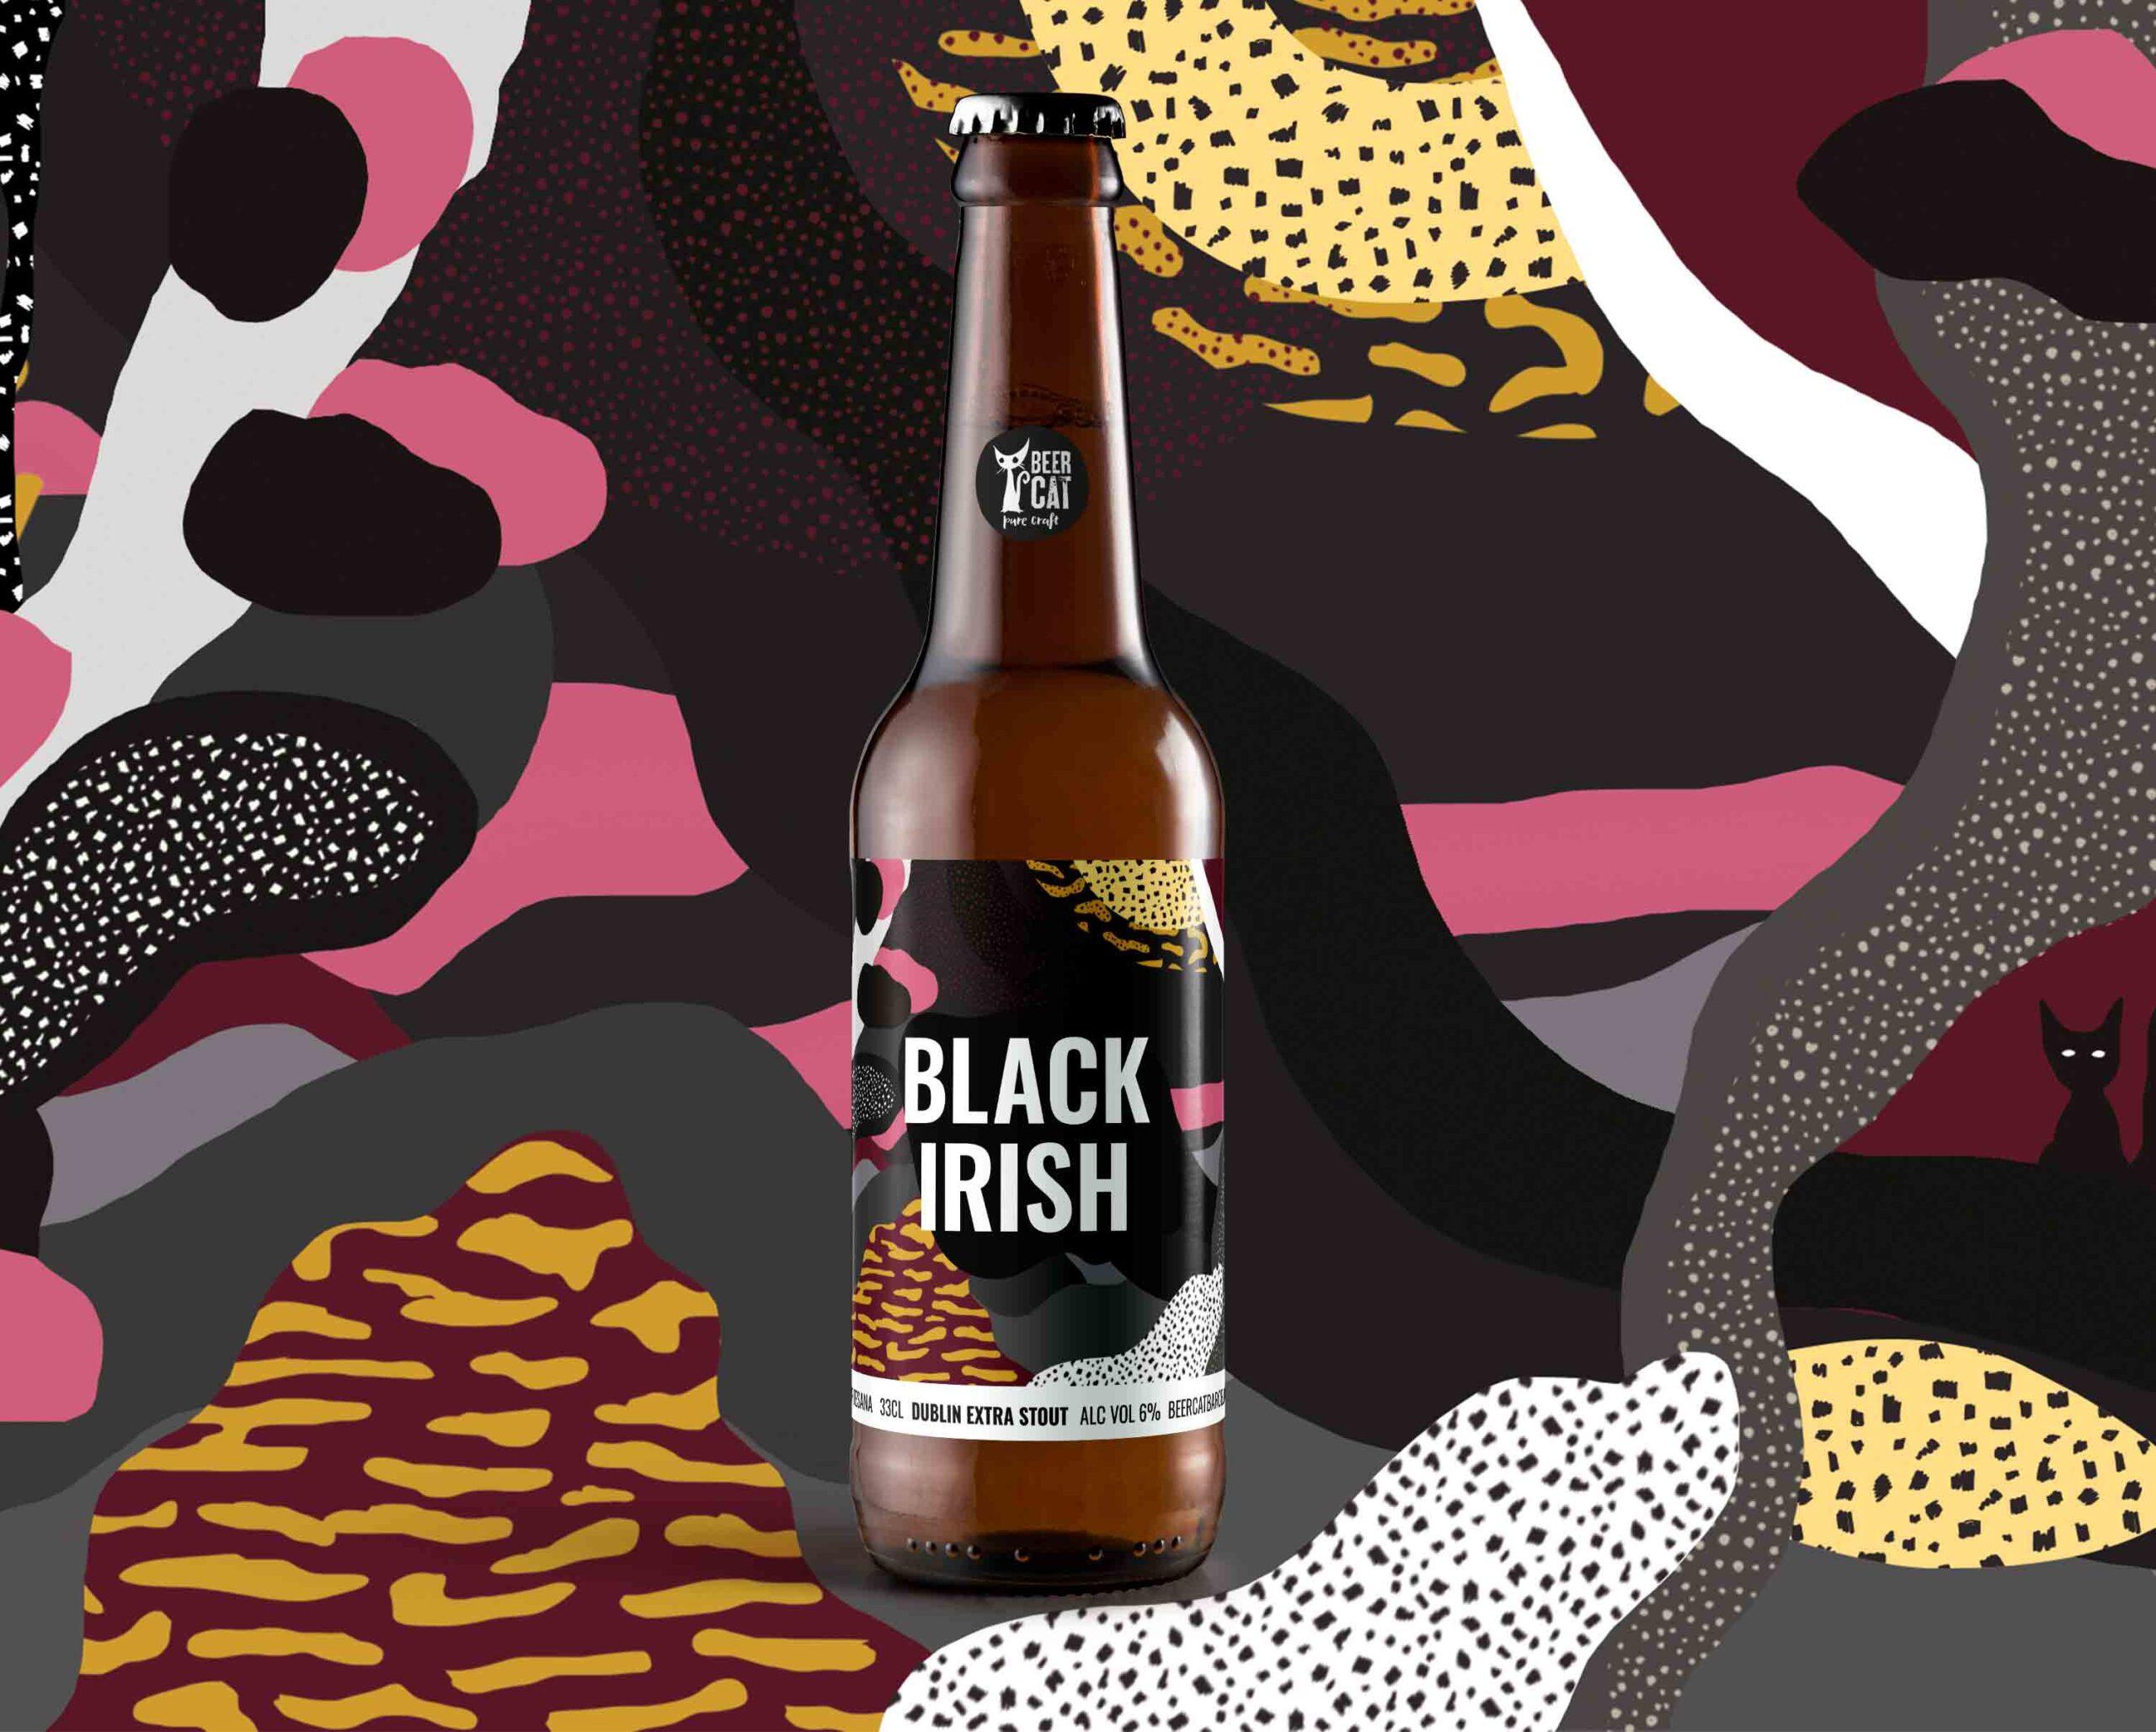 black irish craftbeer vilafranca penedes disculpi studio angels pinyol scaled - BEERCAT - Il·lustracions i disseny per etiquetes cerveses artesanes